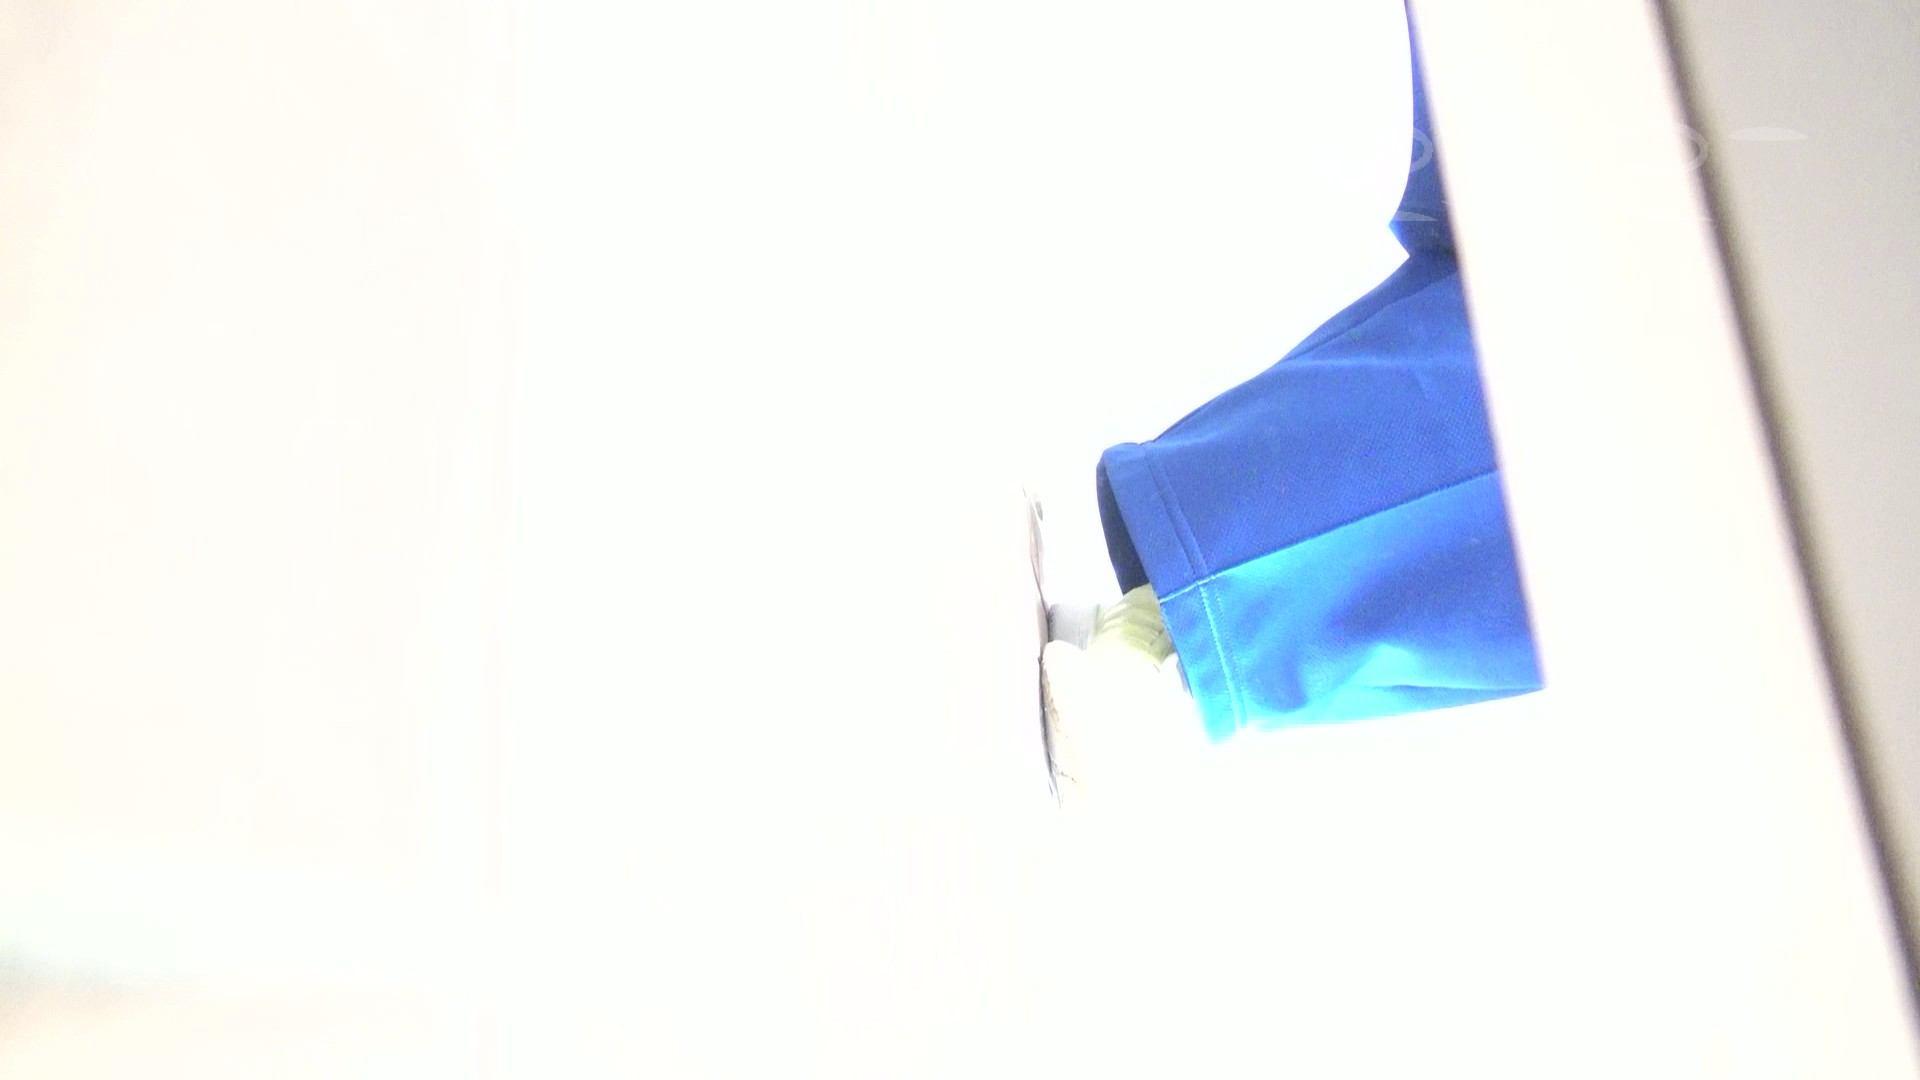 ▲期間限定D▲至高洗面所盗撮 23 至高下方撮りちょいと2カメ!! 高画質動画 AV動画キャプチャ 102画像 4